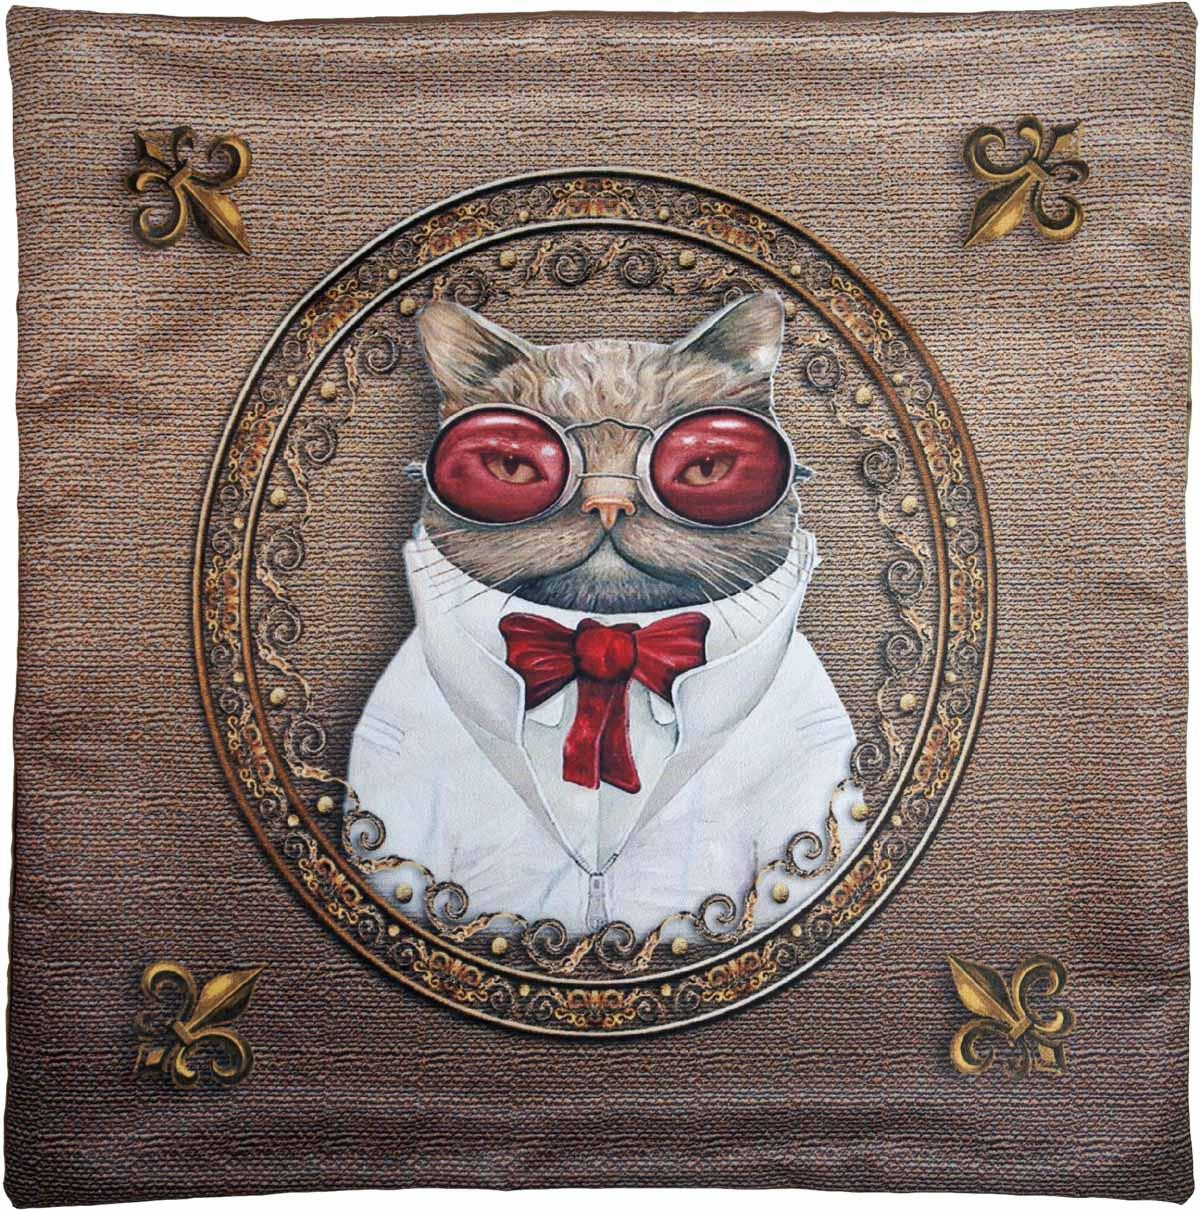 Наволочка для декоративной подушки GiftnHome Кот Пижон, цвет: золотой, белый, красный, 40 х 40 смНВЛ-40 Кот ПижонИзделие изготовлено из искусственного шелка - атласа! Наволочка на молнии